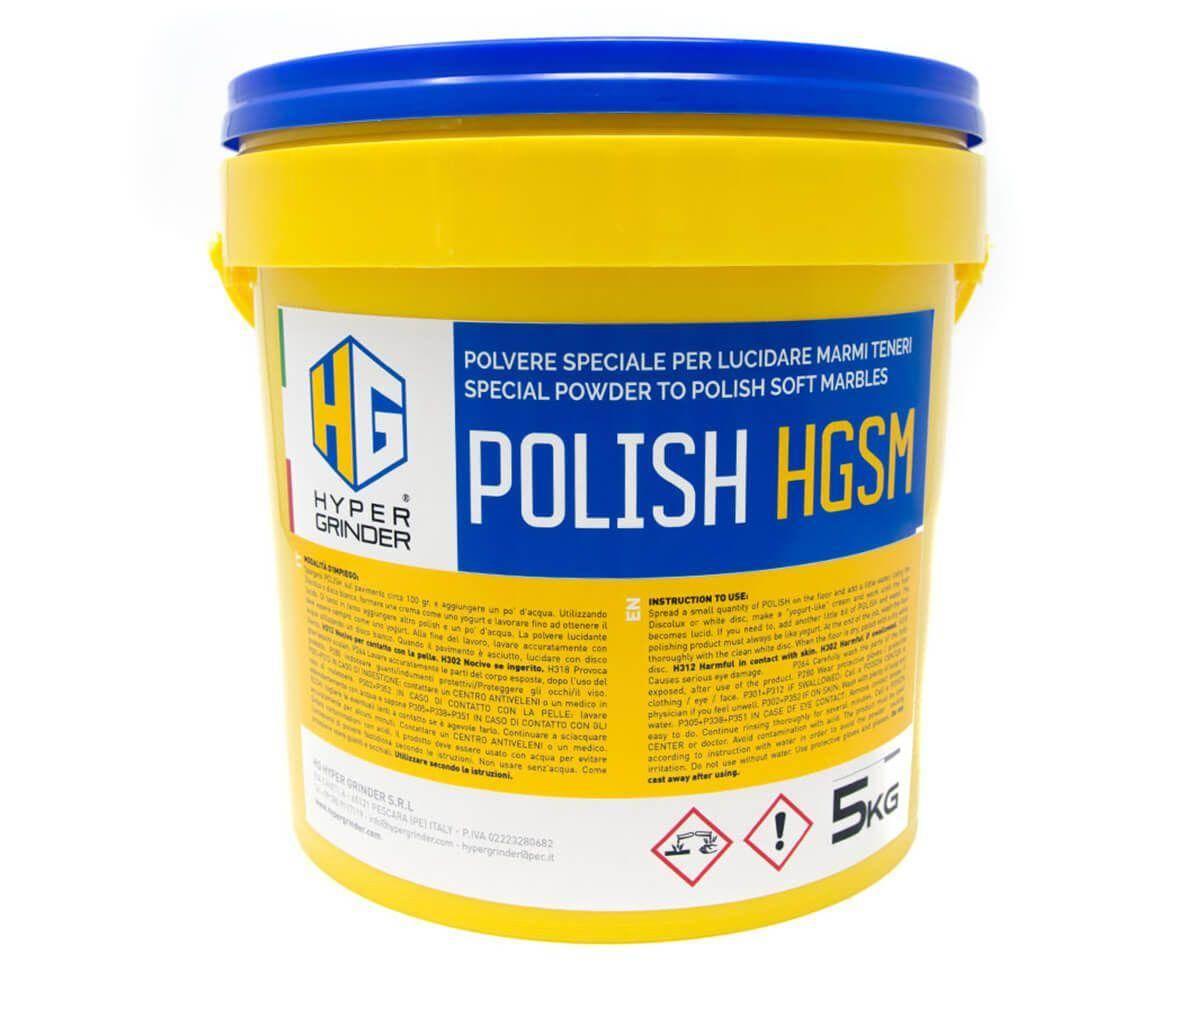 polishhgSM 1241